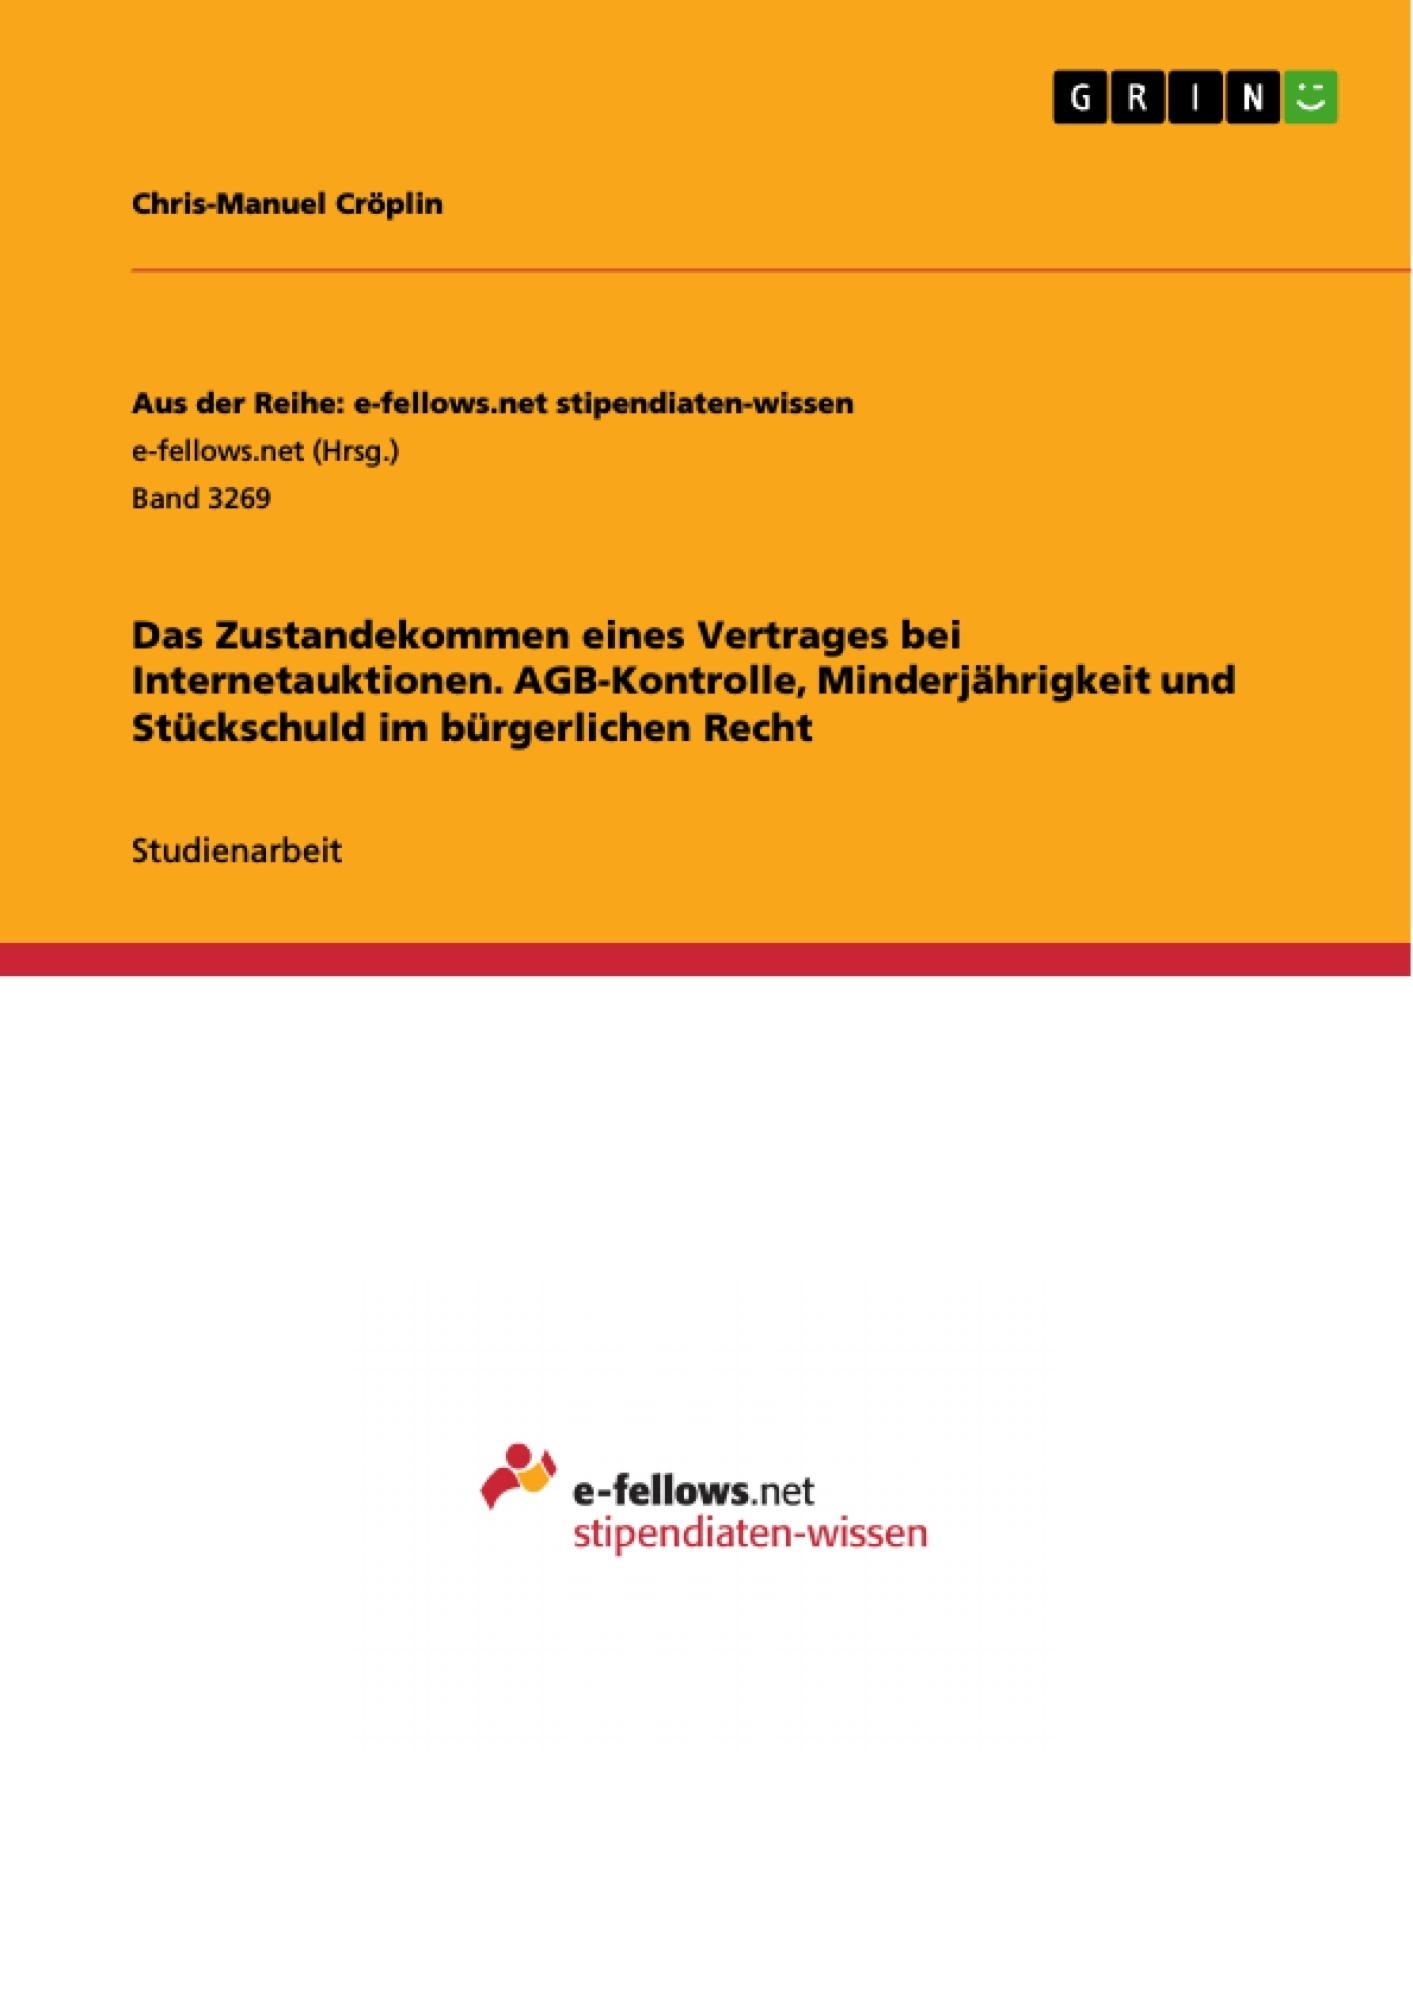 Titel: Das Zustandekommen eines Vertrages bei Internetauktionen. AGB-Kontrolle, Minderjährigkeit und Stückschuld im bürgerlichen Recht